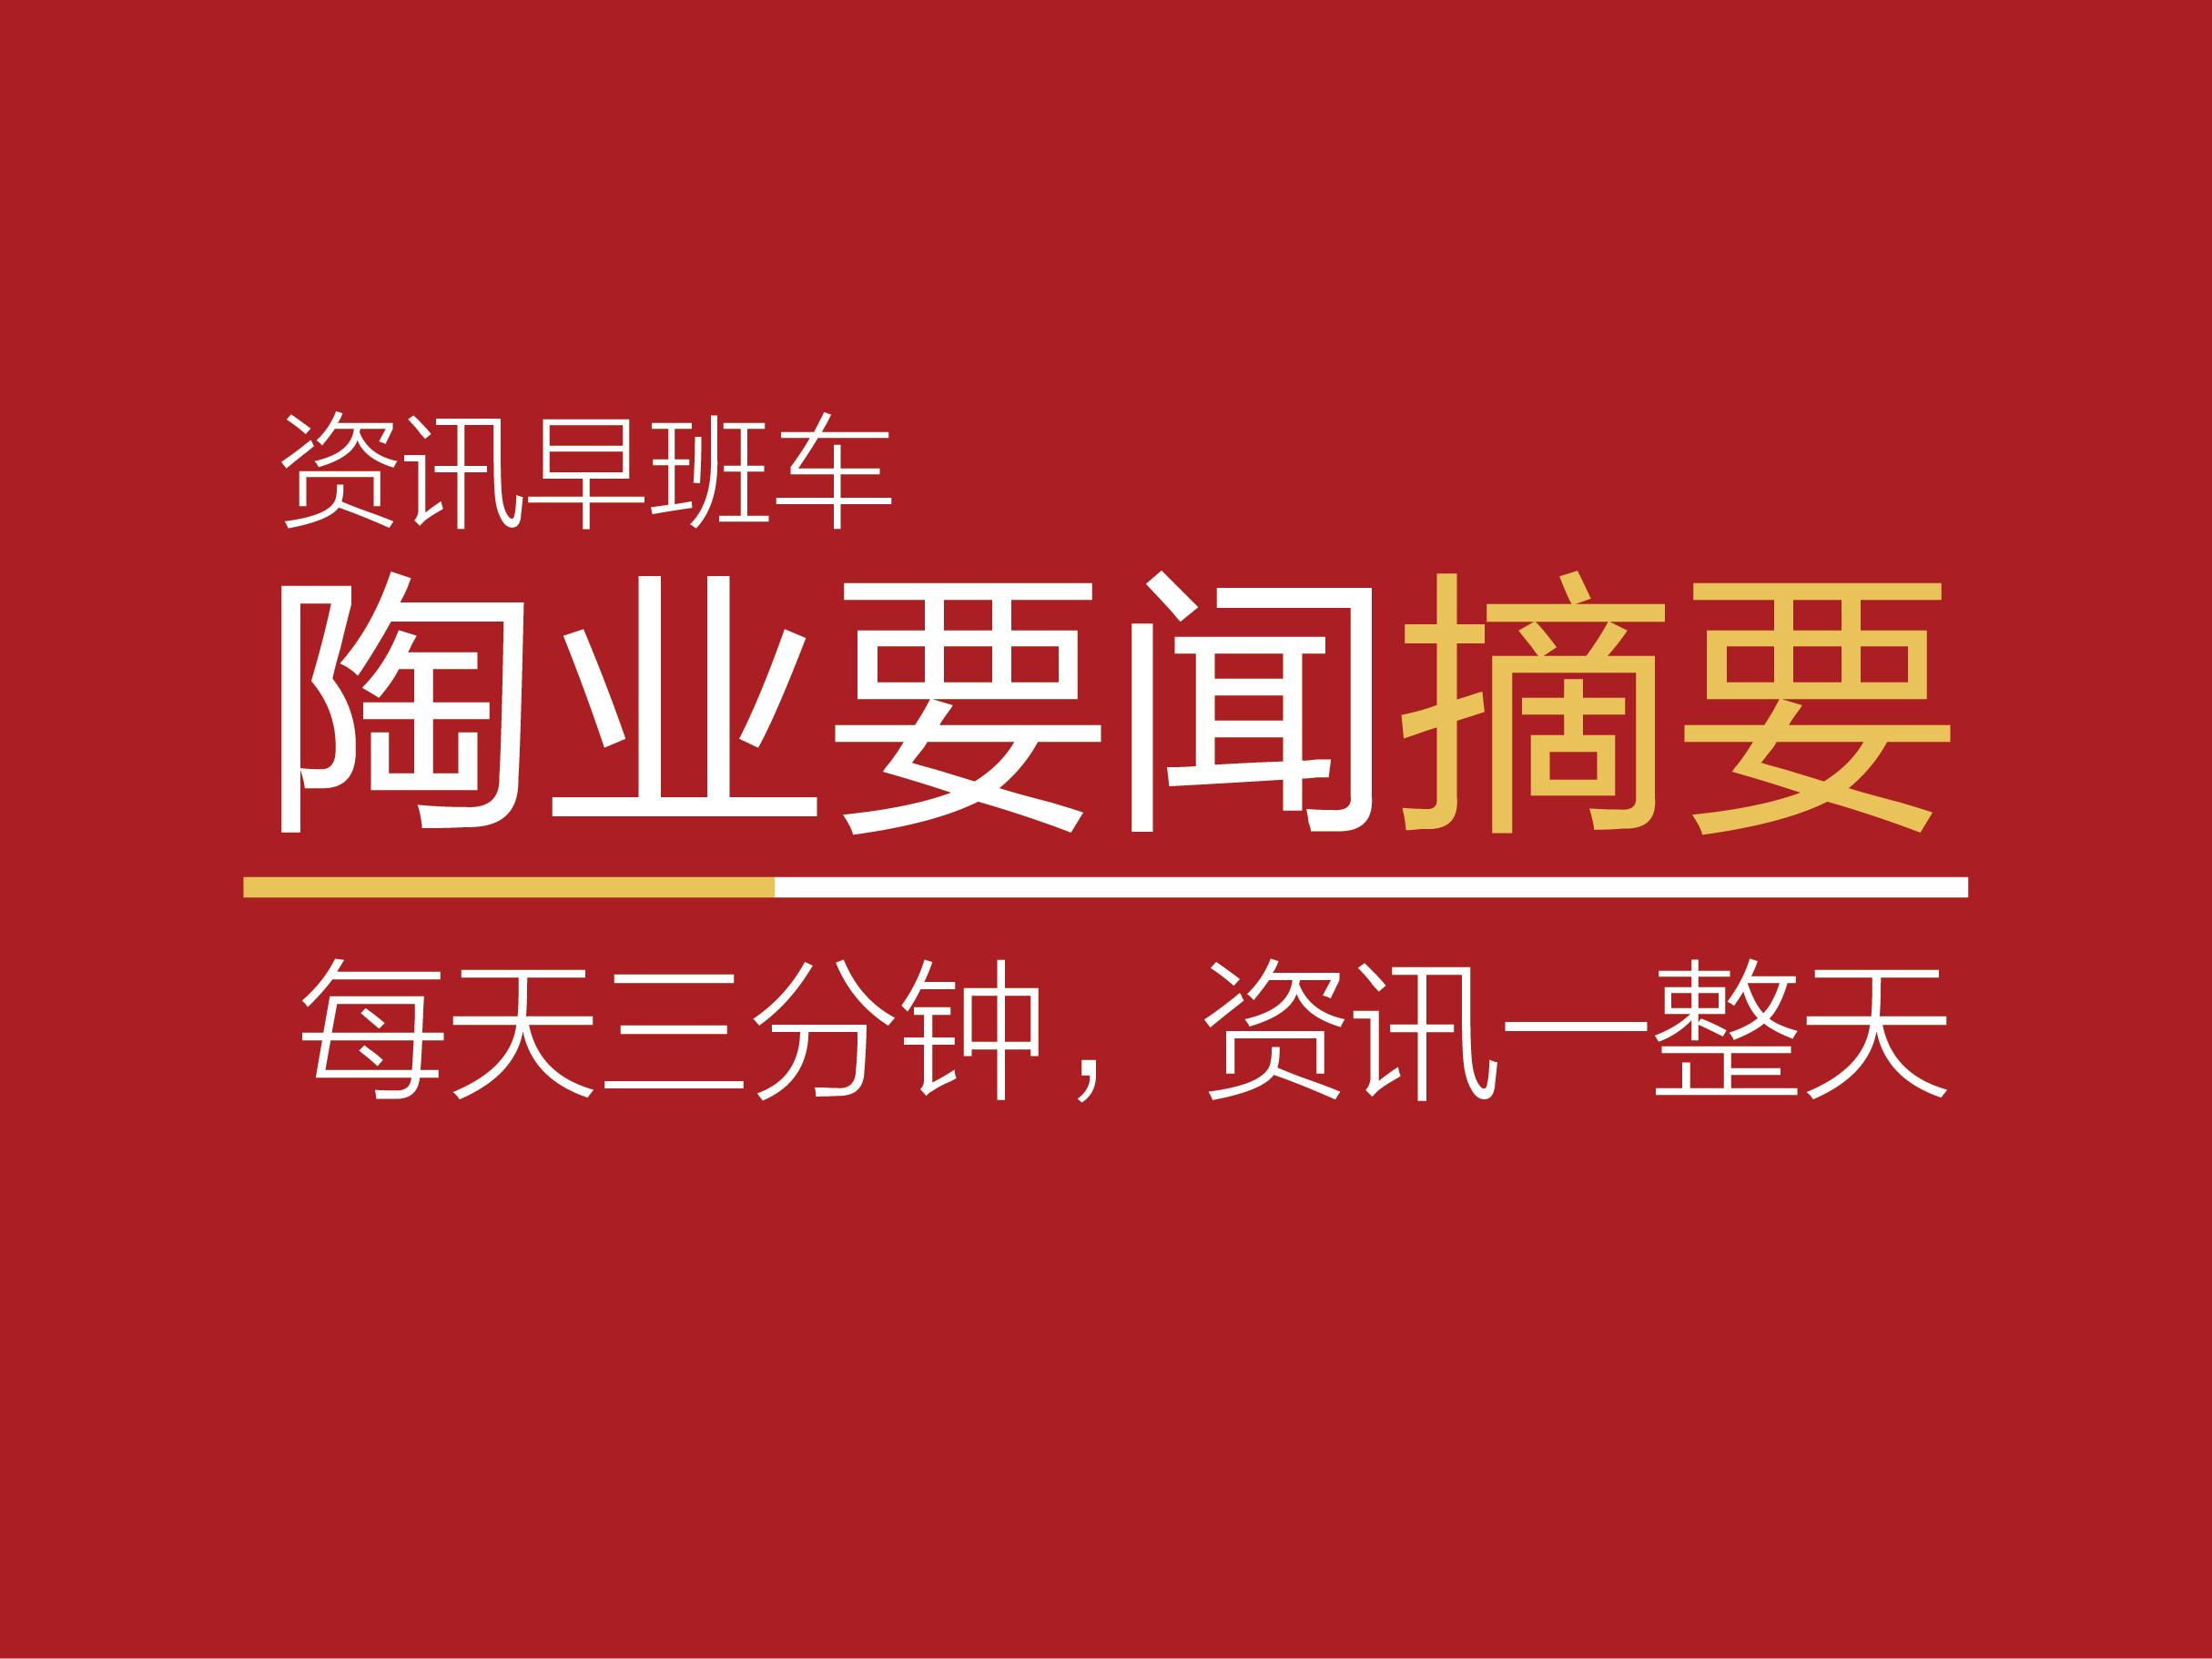 【陶业要闻摘要】2017年10月11日(第108期)